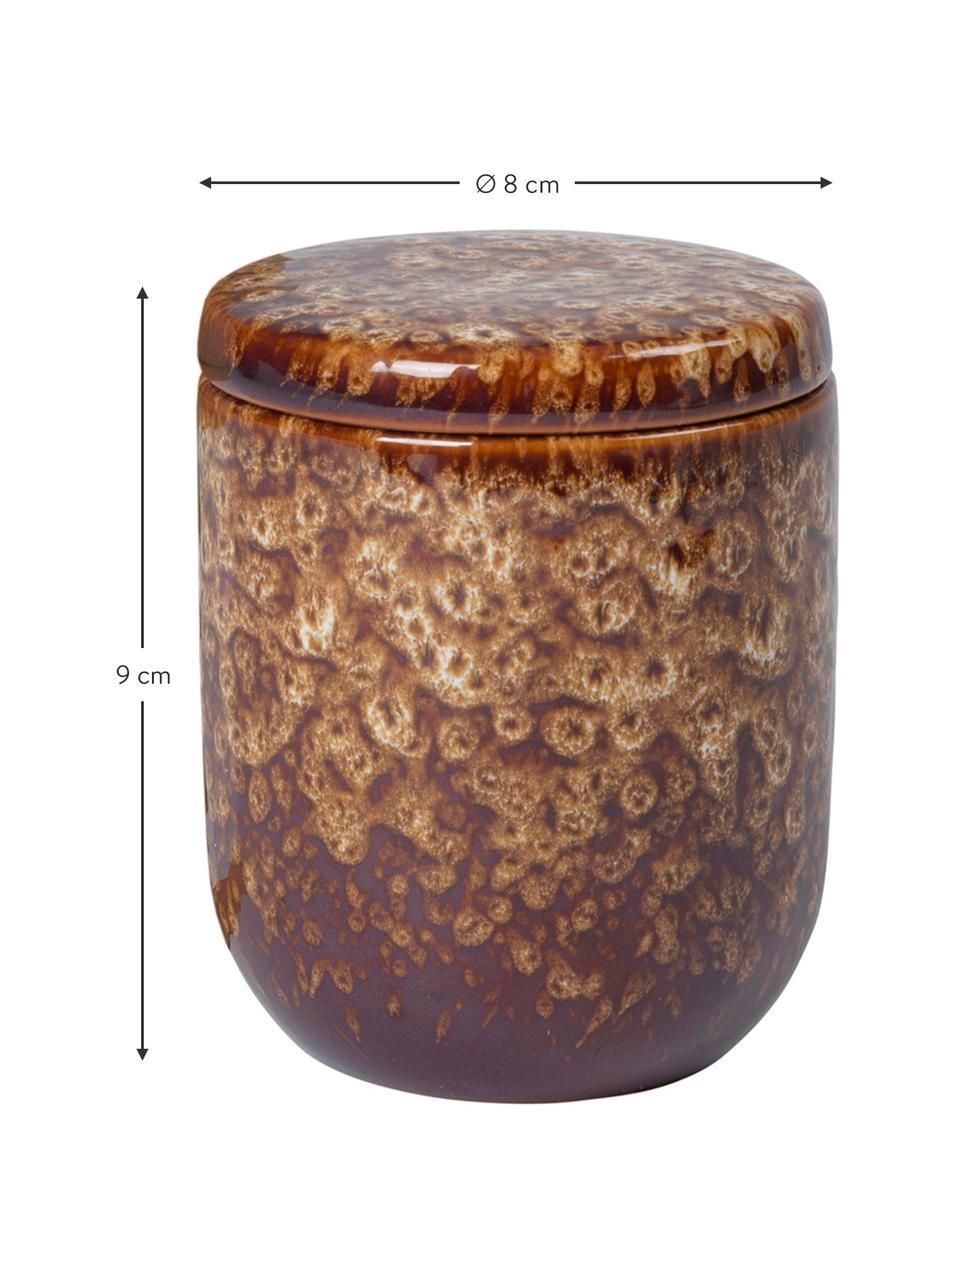 Świeca zapachowa Spiced Amber (ambra), Odcienie brązowego, Ø 8 x W 9 cm